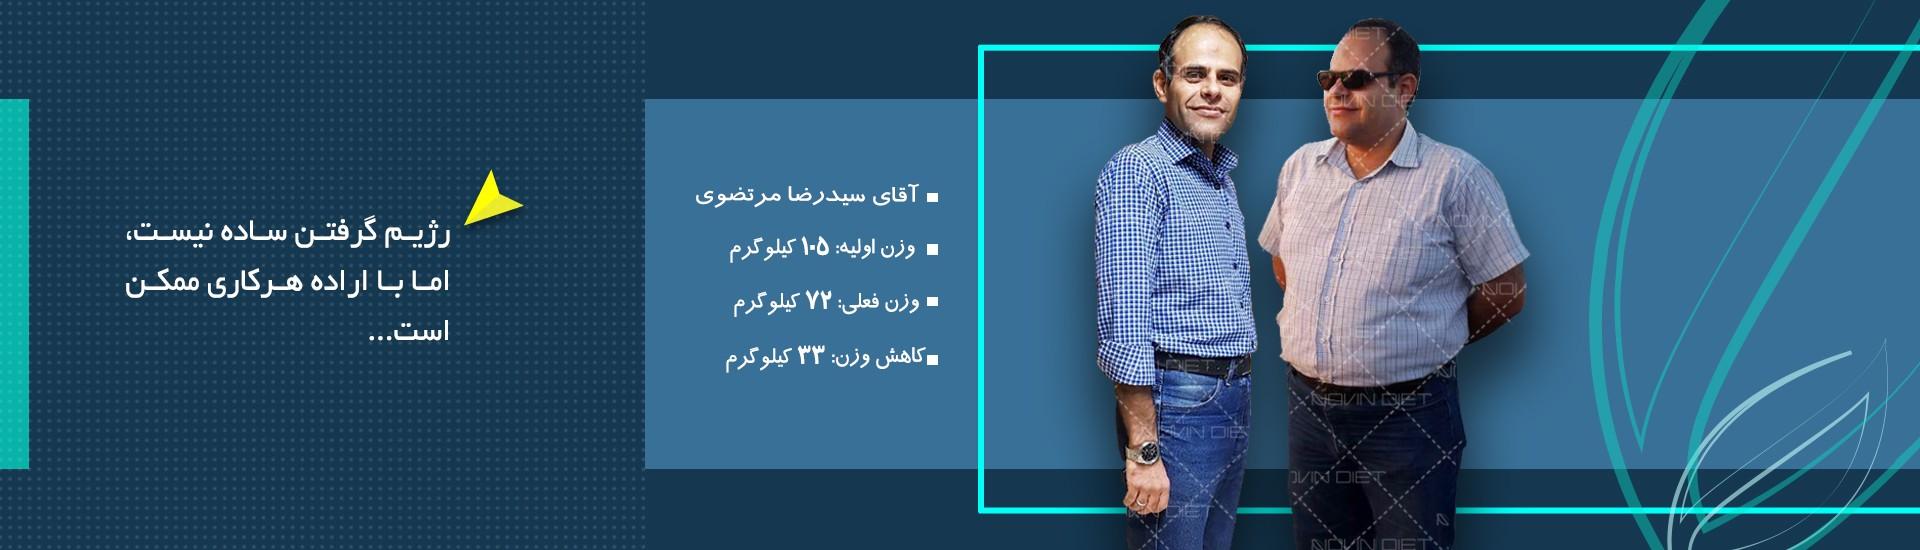 آقای ظریف با 33 کیلوگرم کاهش وزن